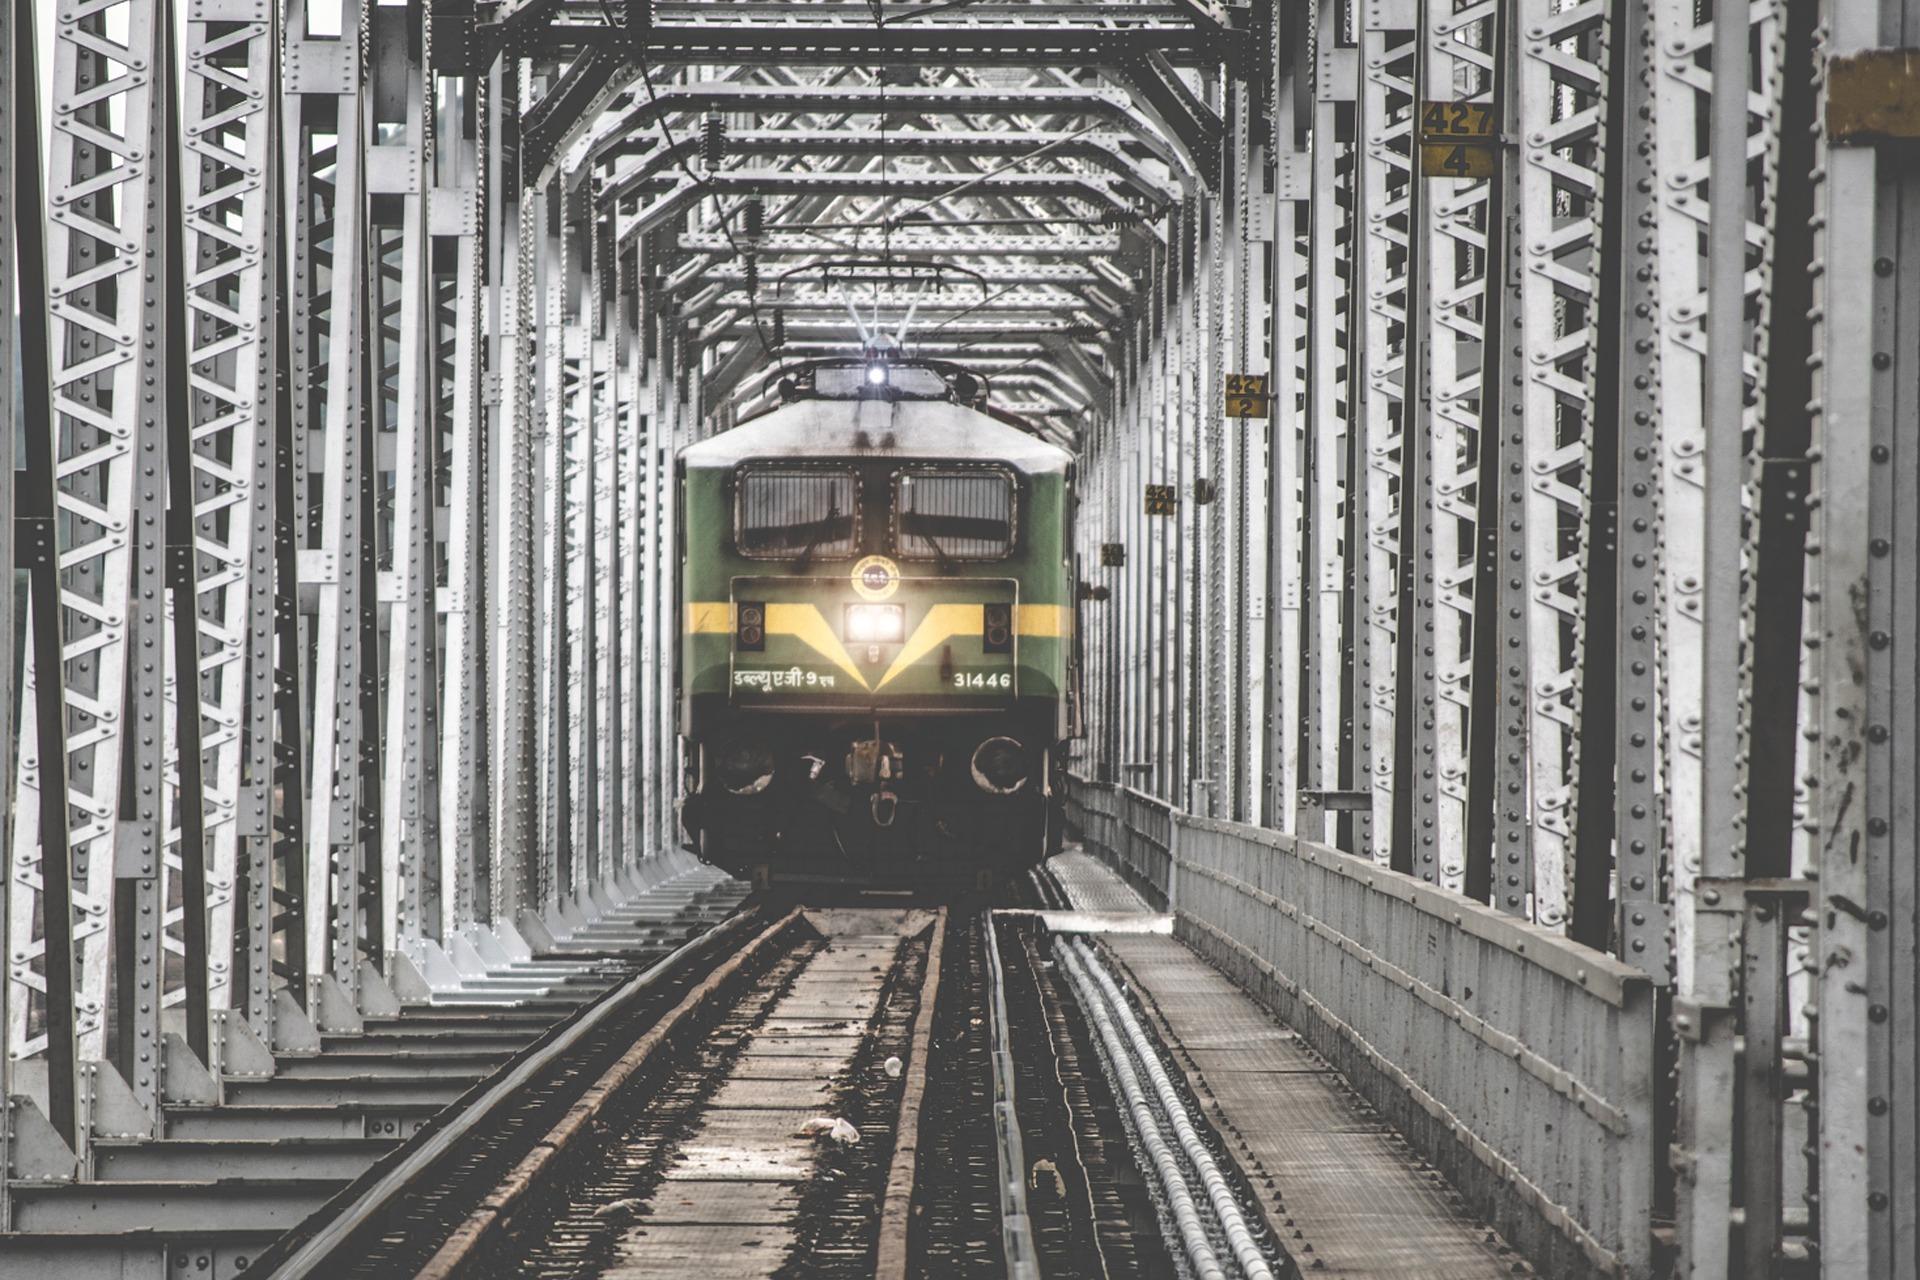 ट्रेन, पुल, रेलवे, भारत, आंदोलन - HD वॉलपेपर - प्रोफेसर-falken.com